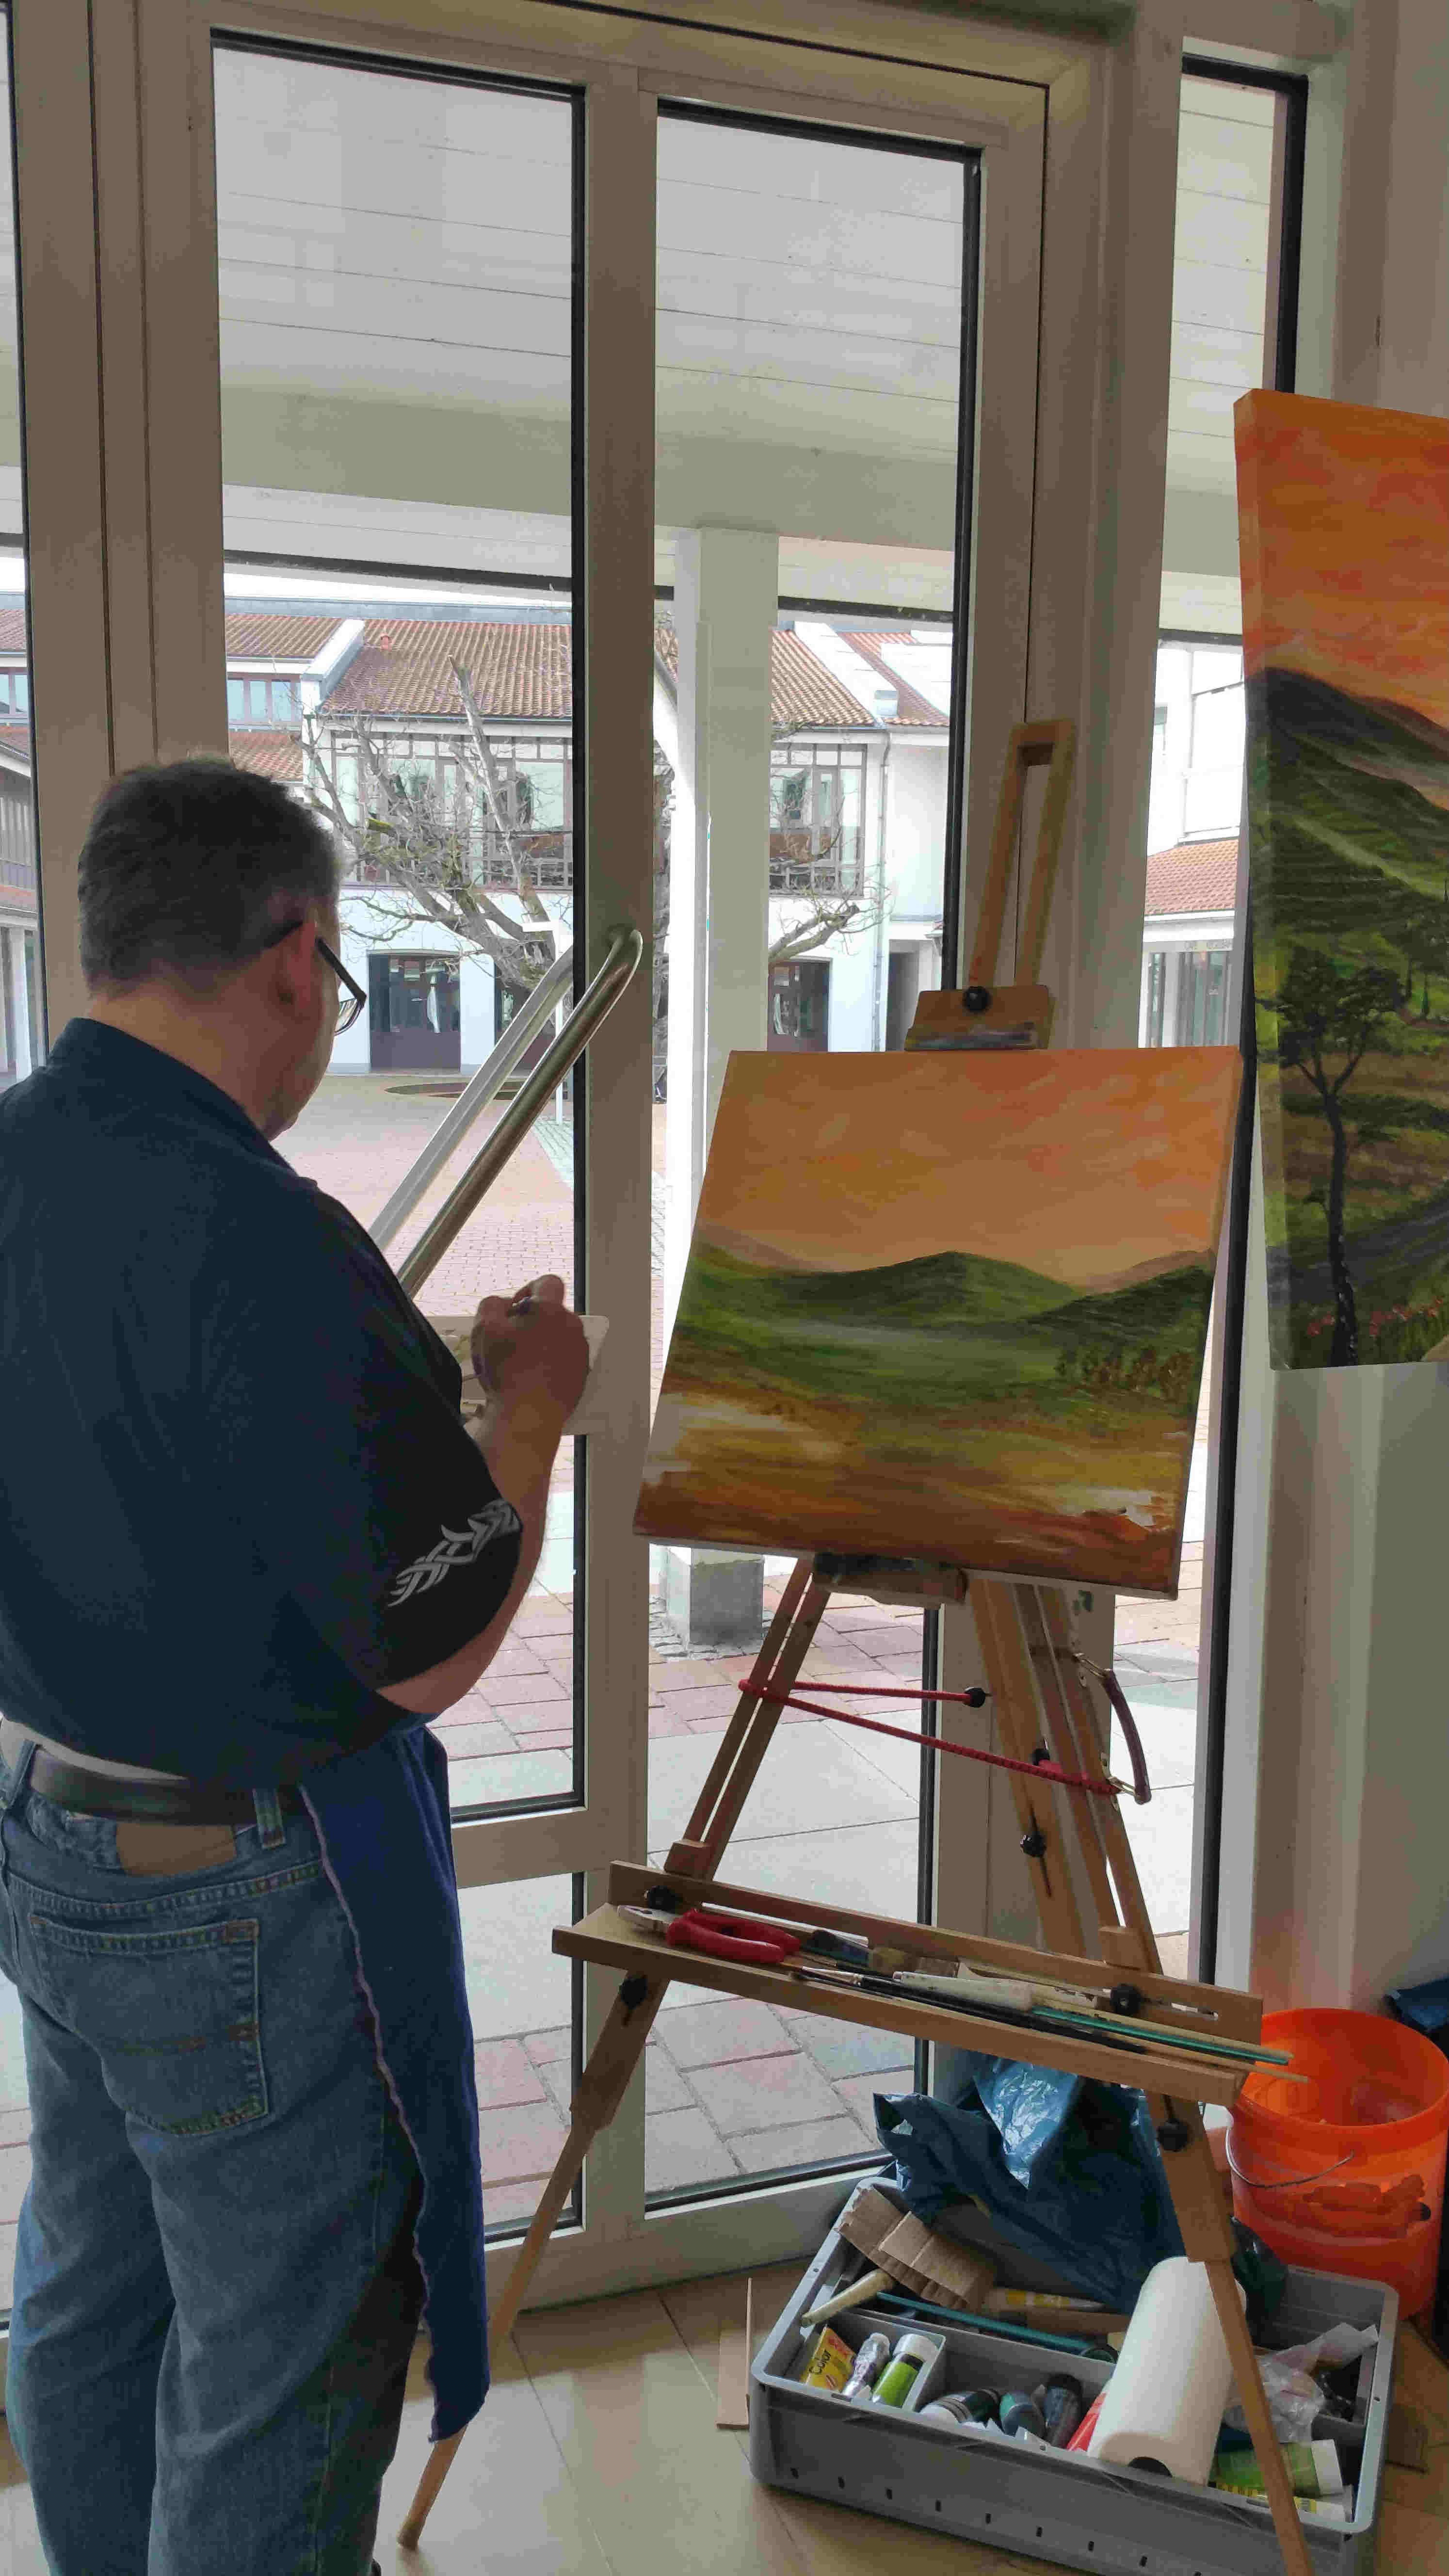 Malen während einer Ausstellung